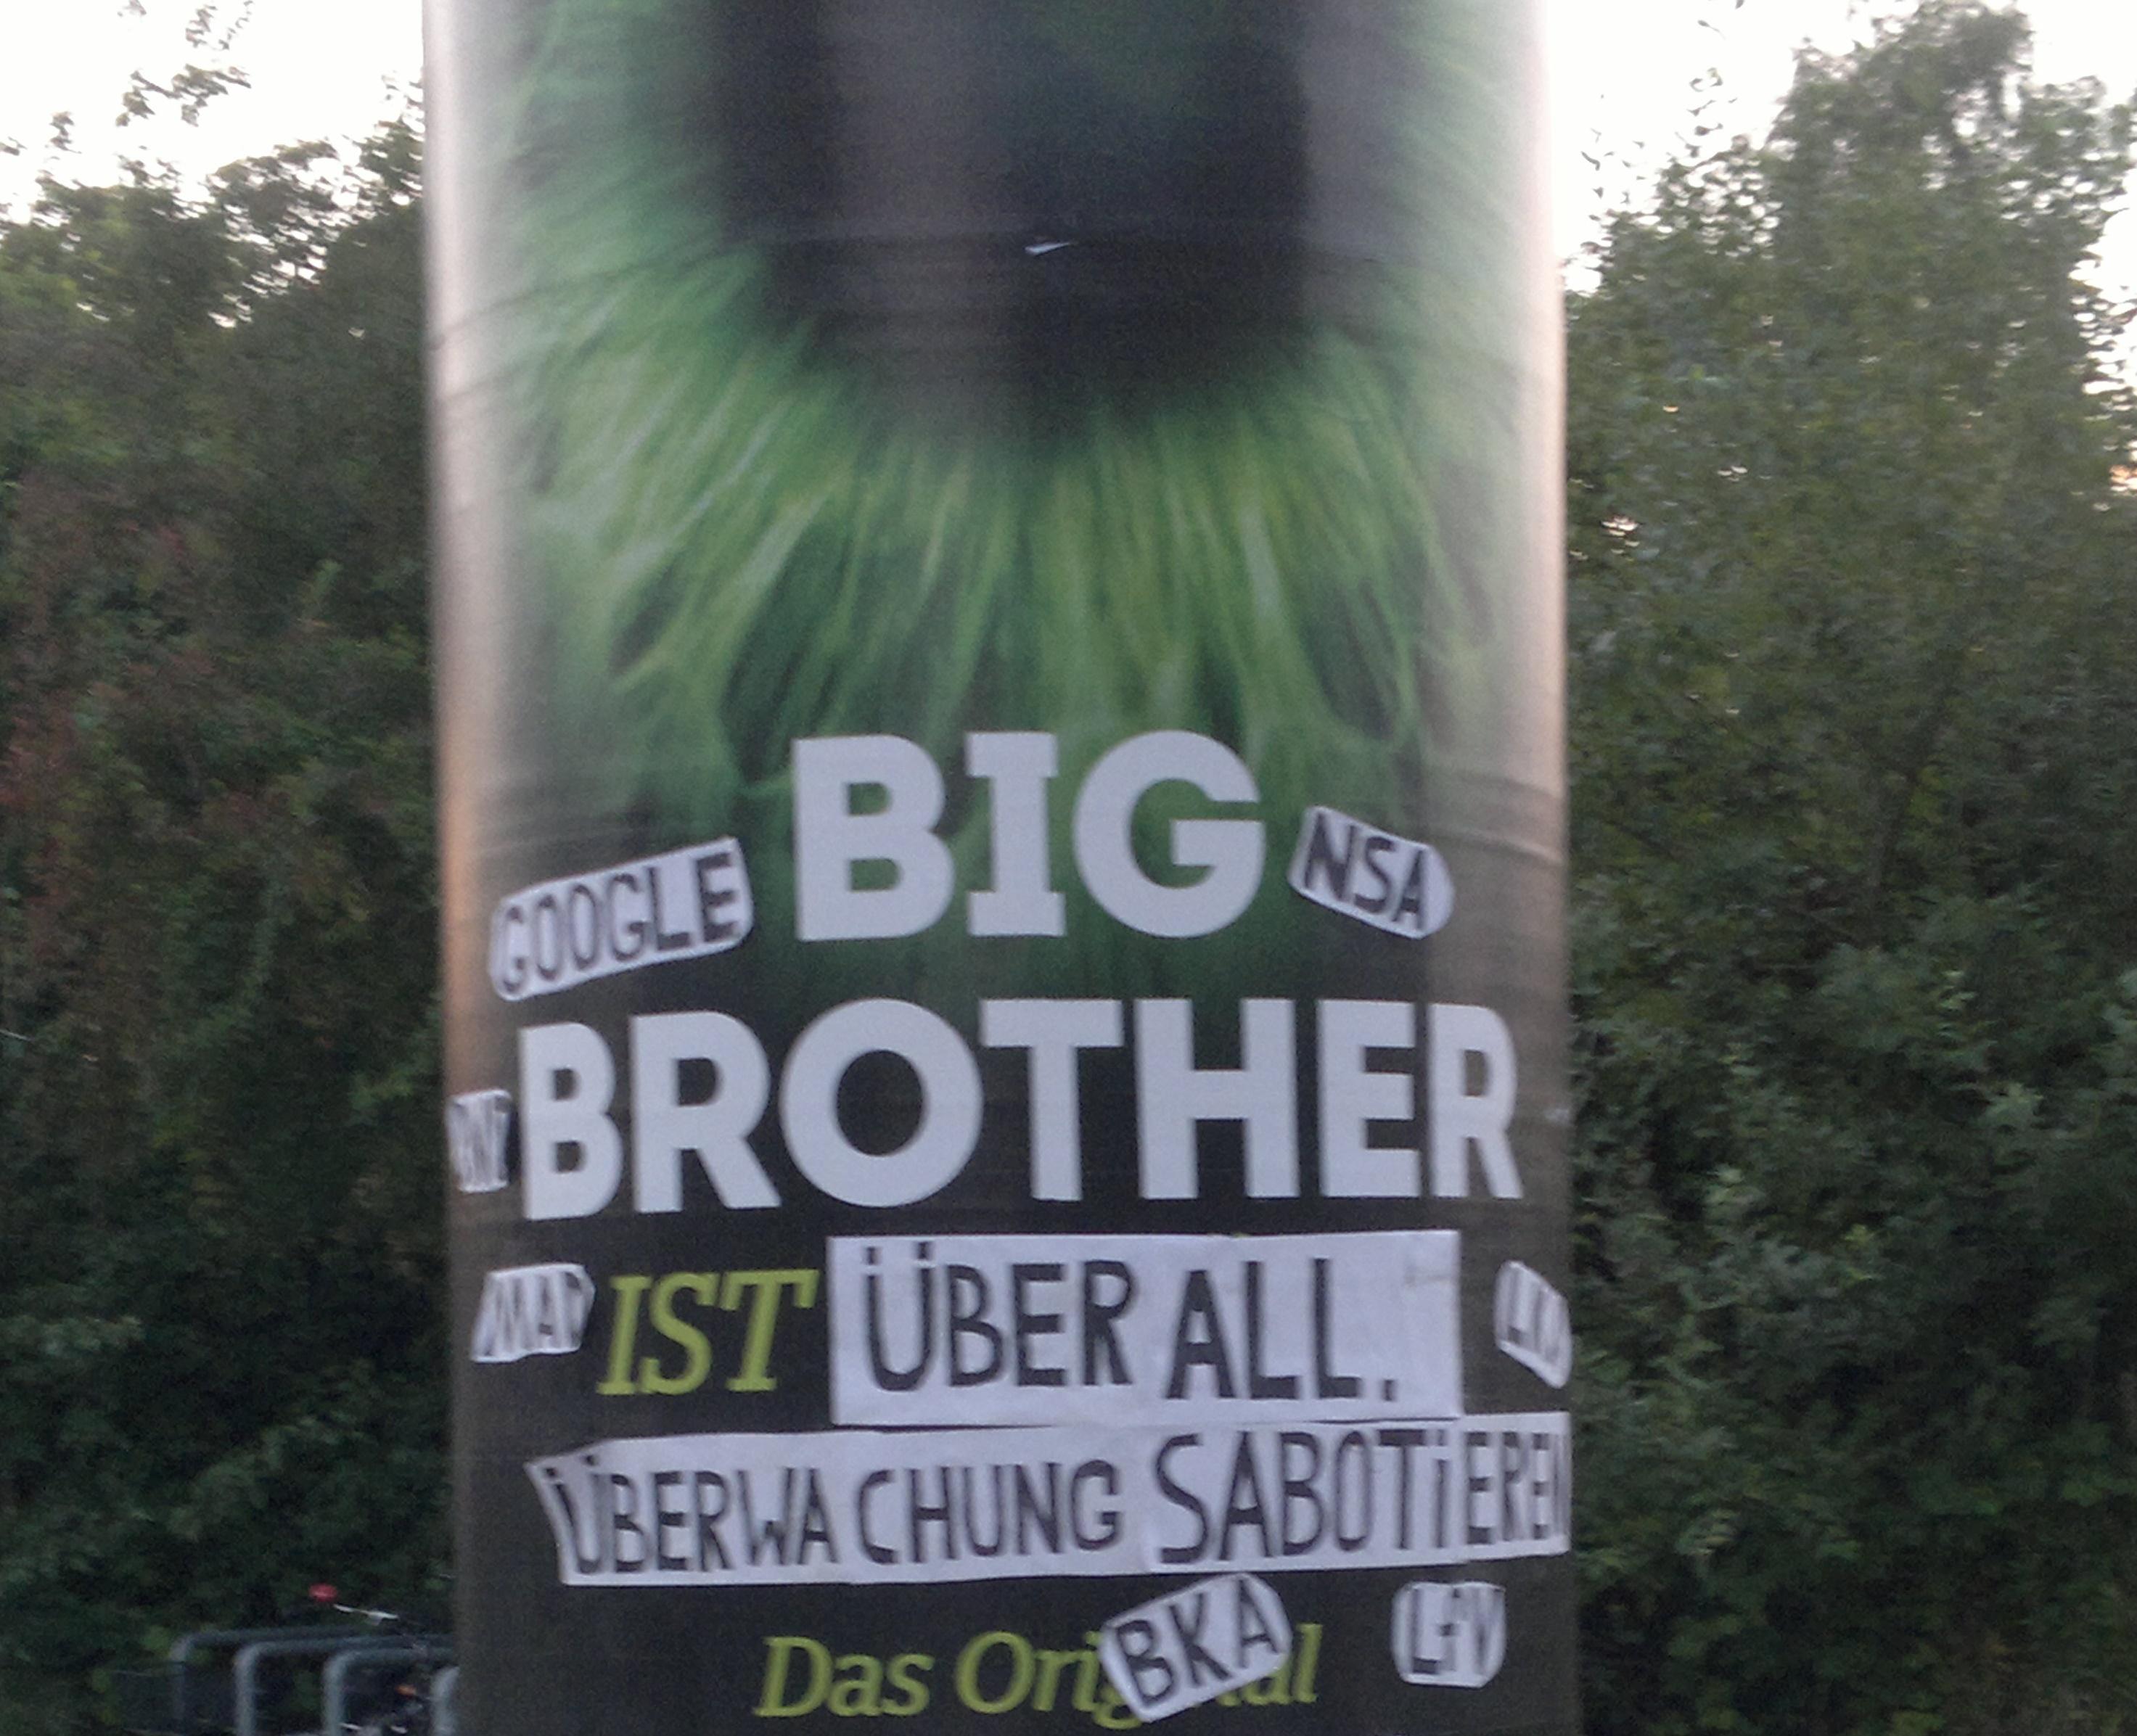 Big-Brother Adbusting zu Google und Überwachung